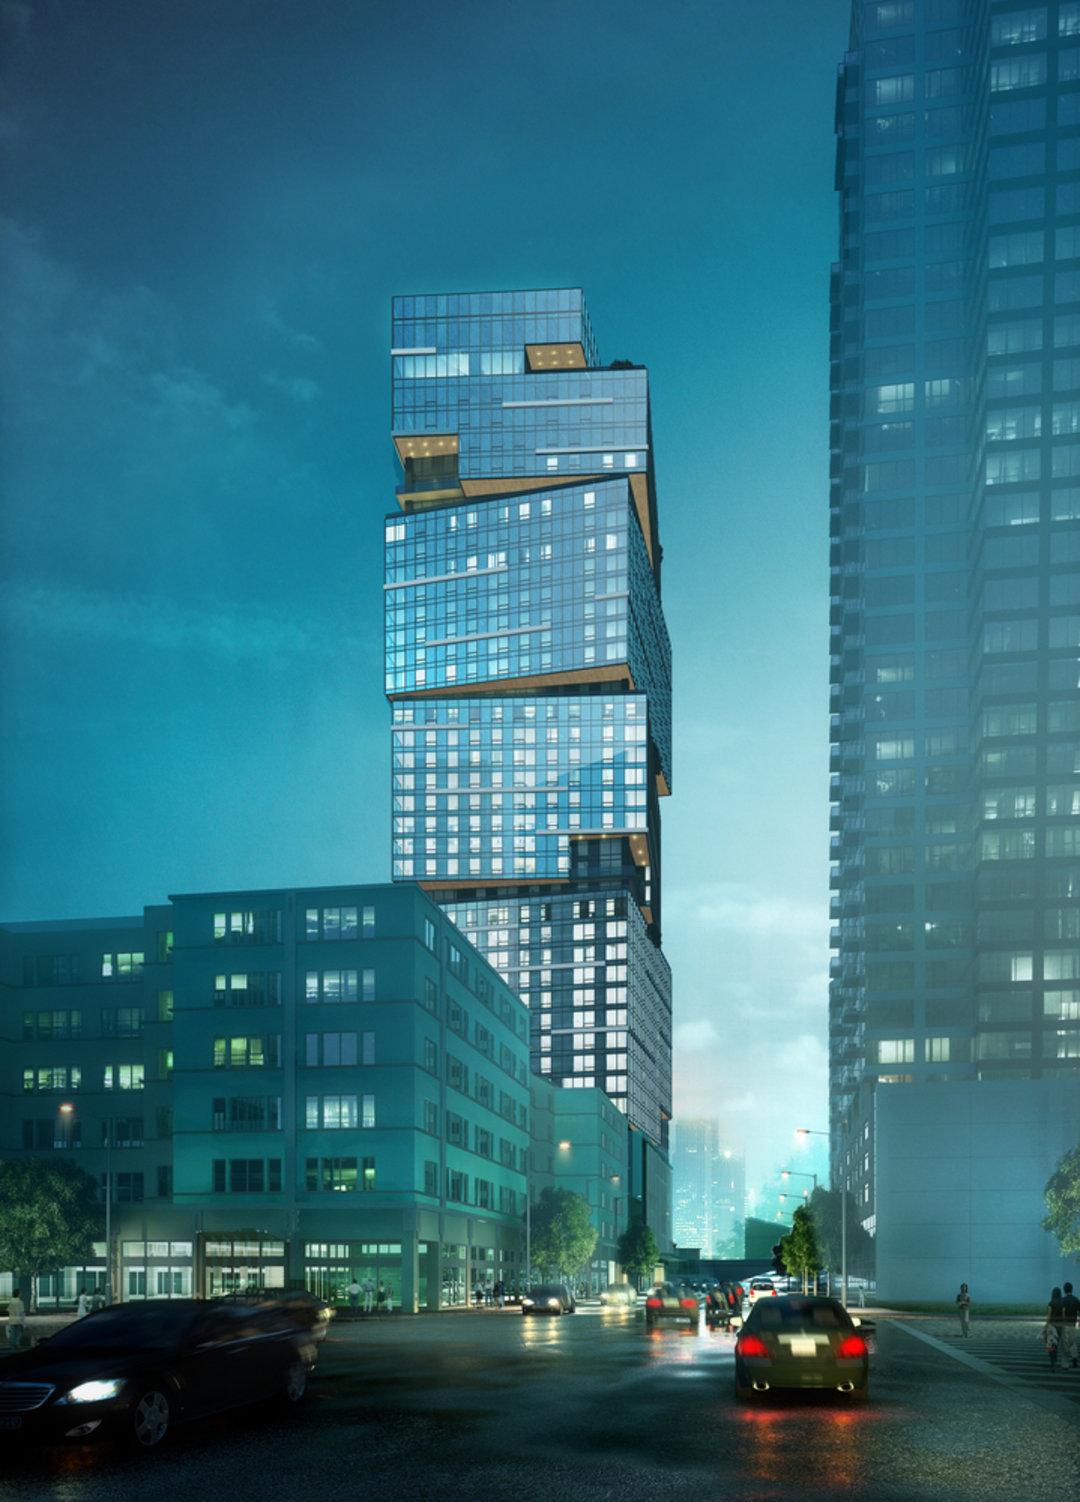 """由""""旋转""""方块组成的公寓大楼,西雅图人凌晨 5 点排队来买_设计_好奇心日报"""